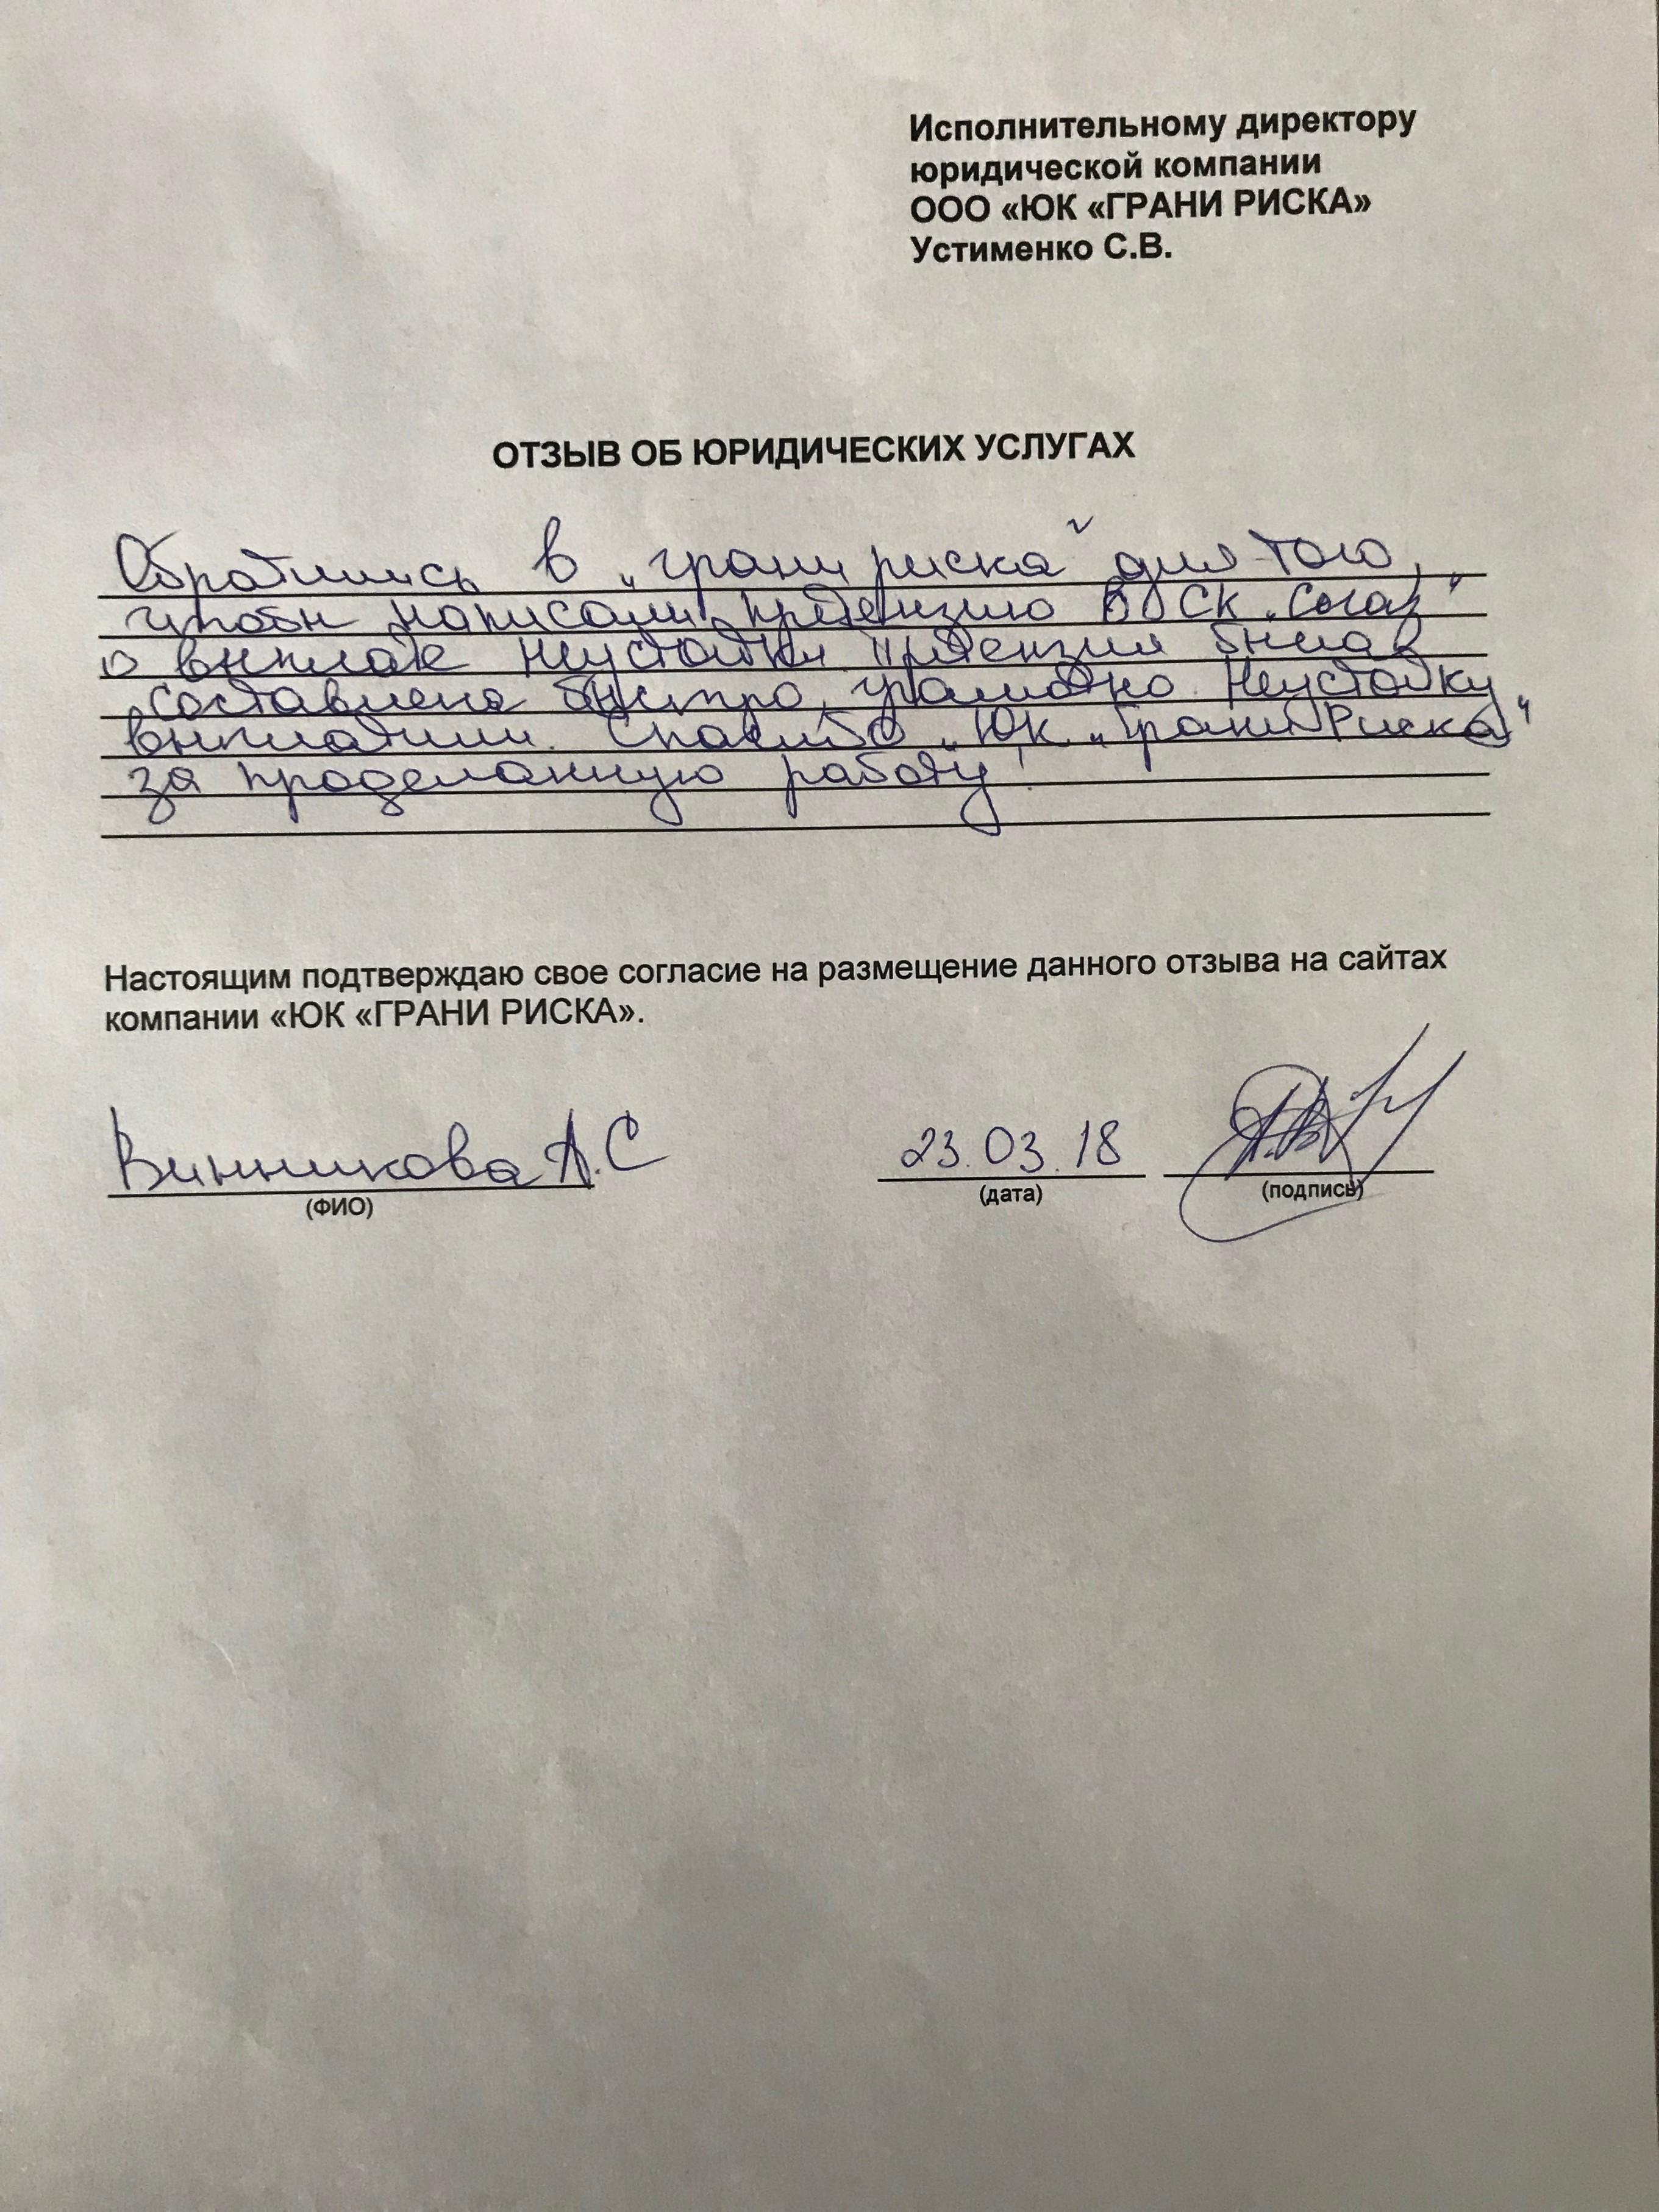 Отзыв Винниковой А. С.